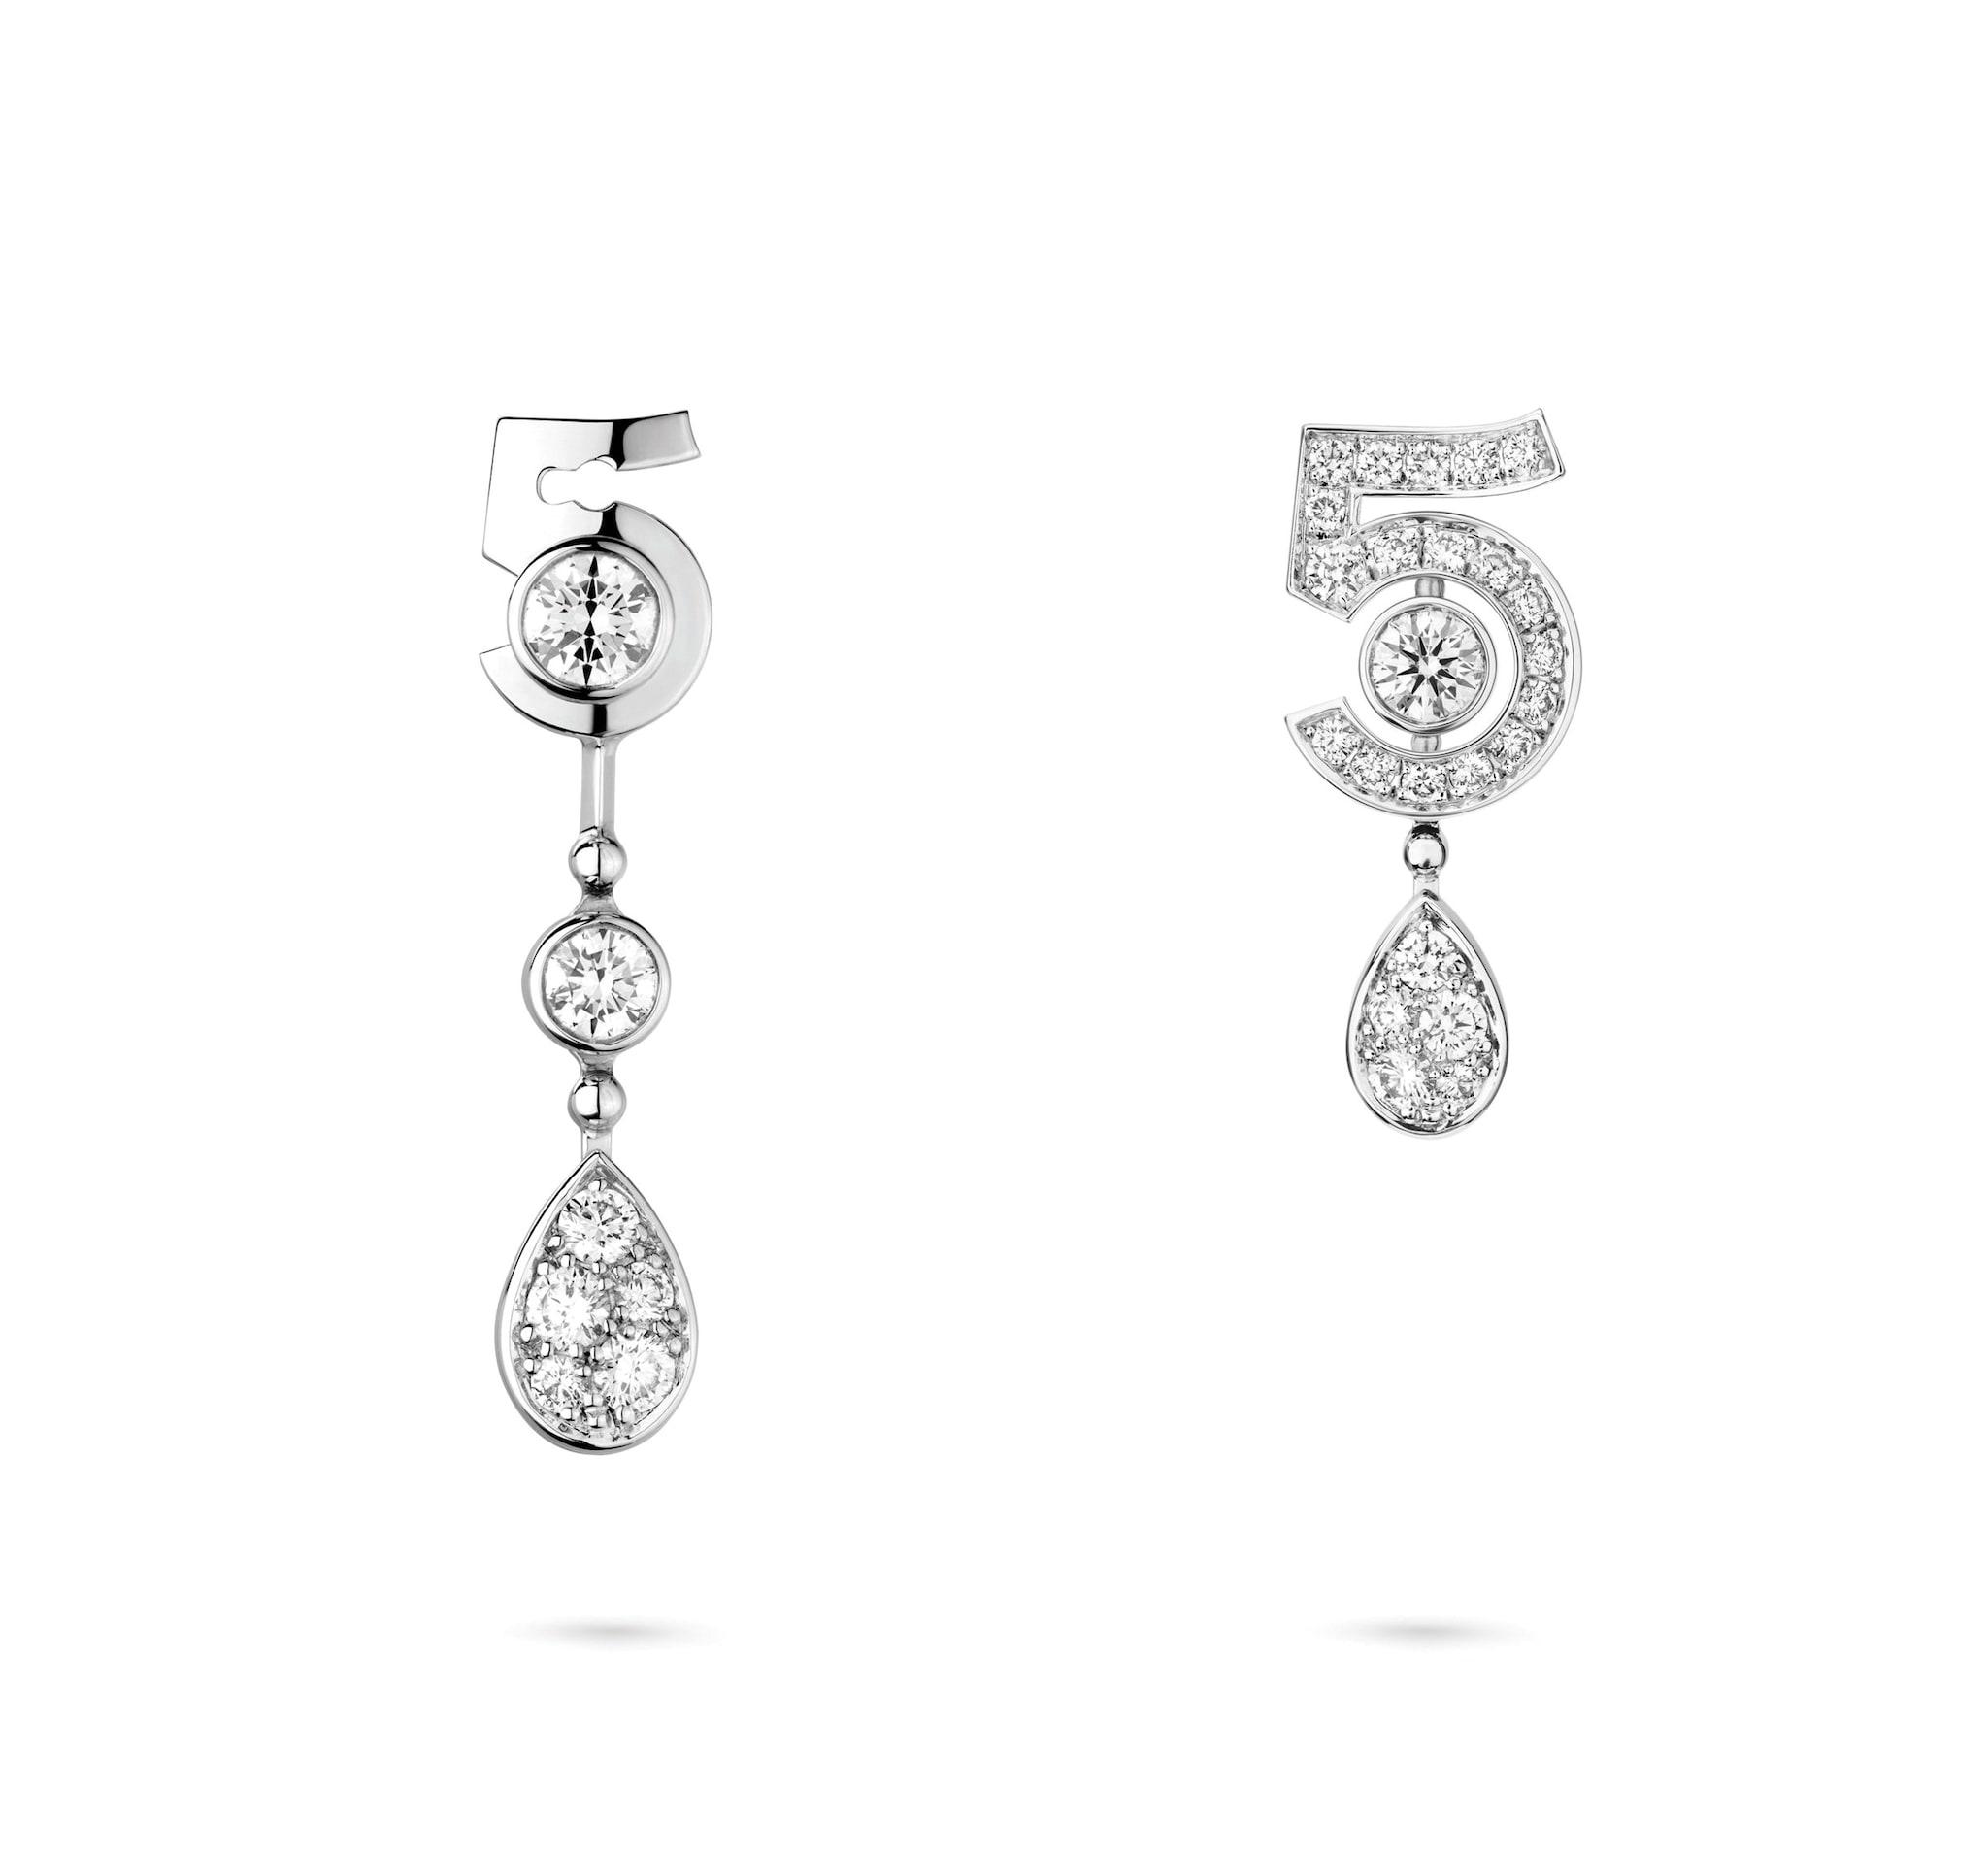 Chanel Joaillerie. Orecchini Eternal N°5 in oro bianco e diamanti, trasformabili.